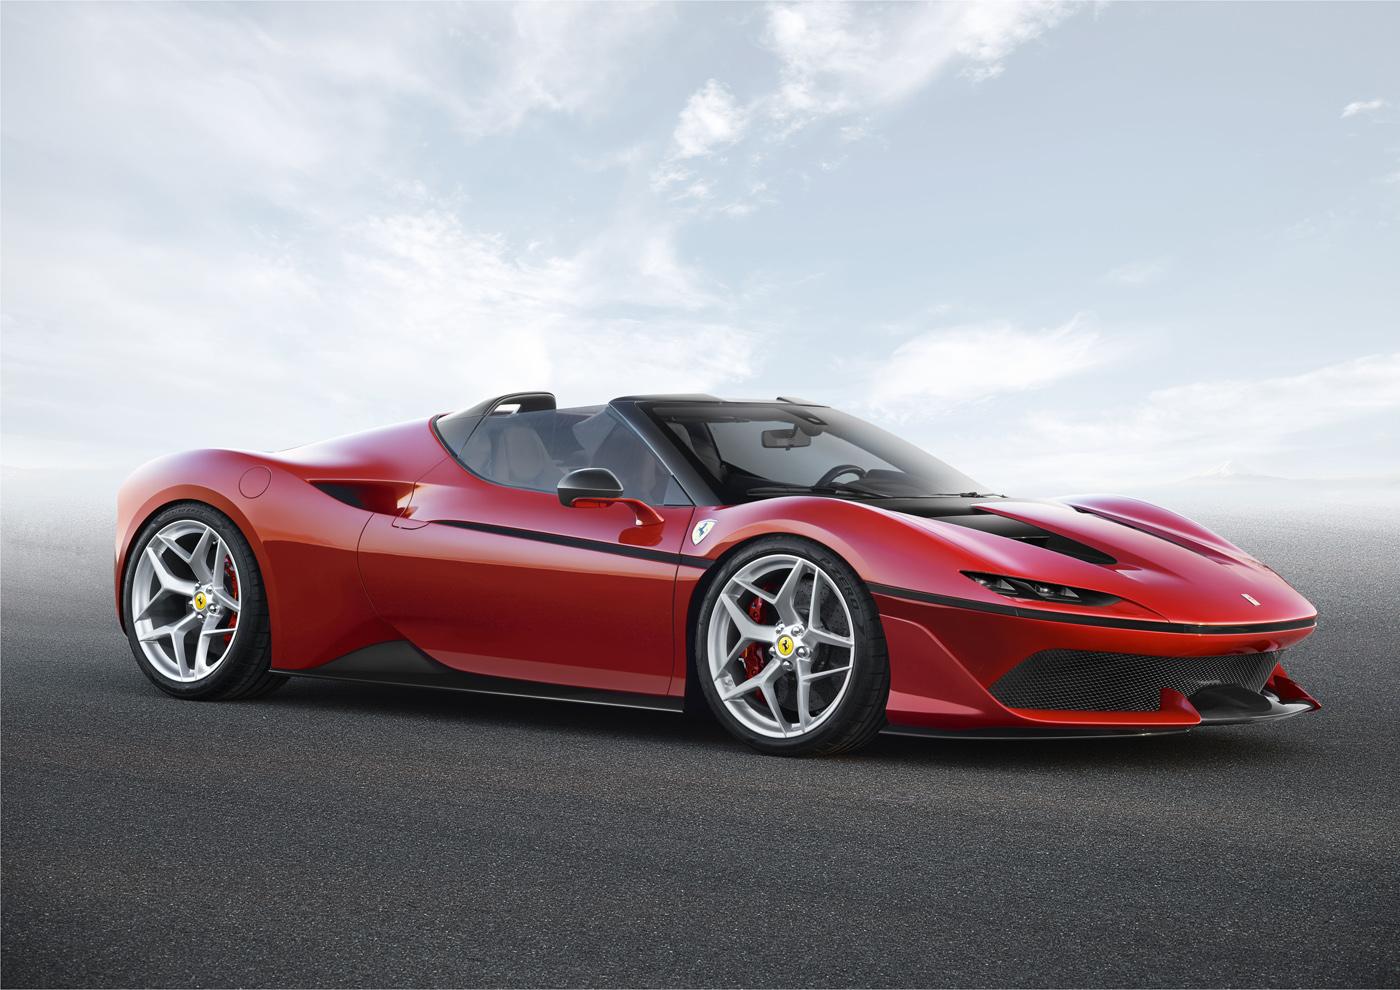 Ferrari_J50 2017